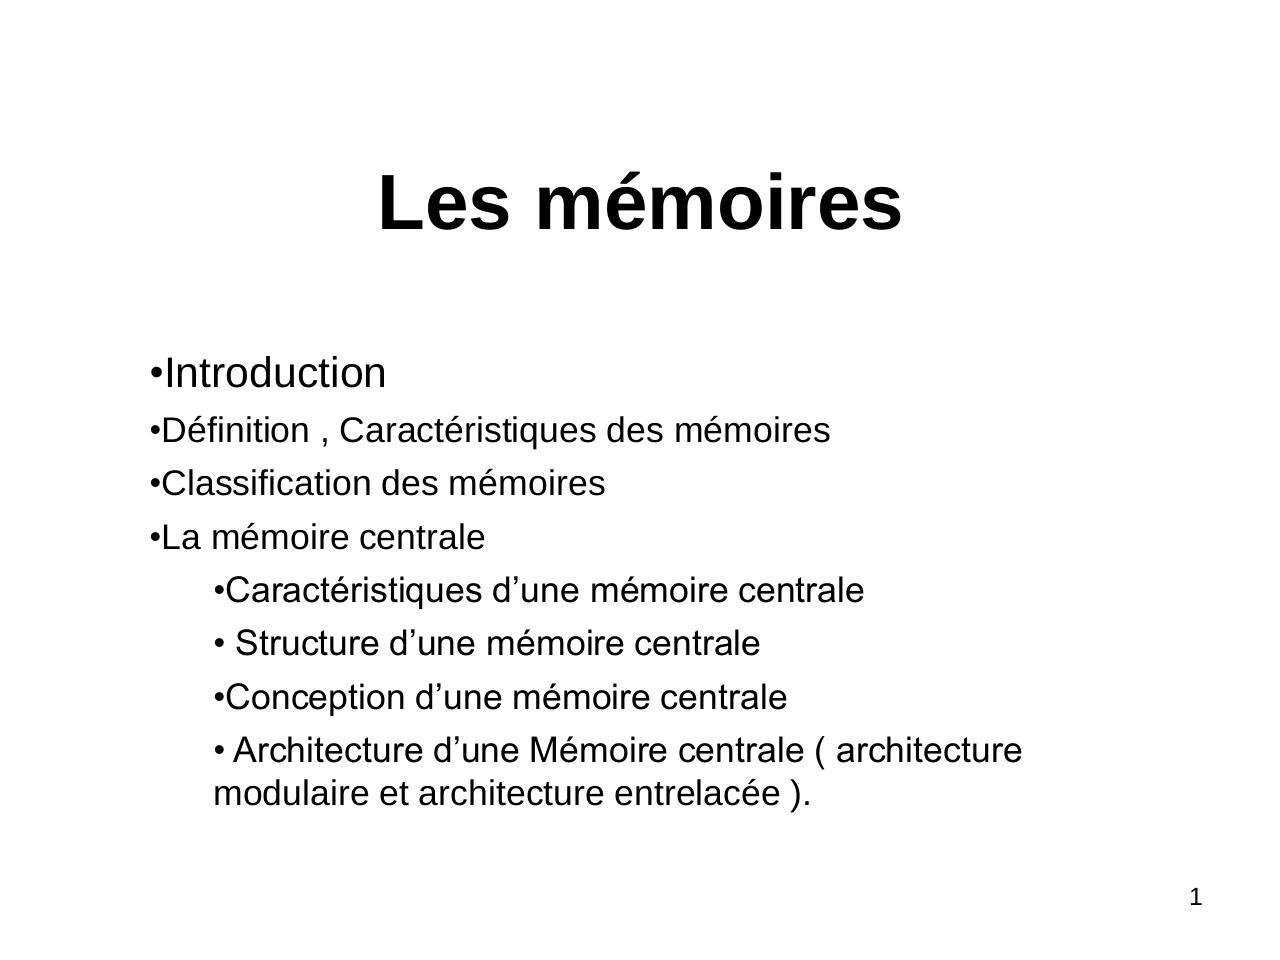 Recherche pdf les rimes q les rimes for Architecture modulaire definition